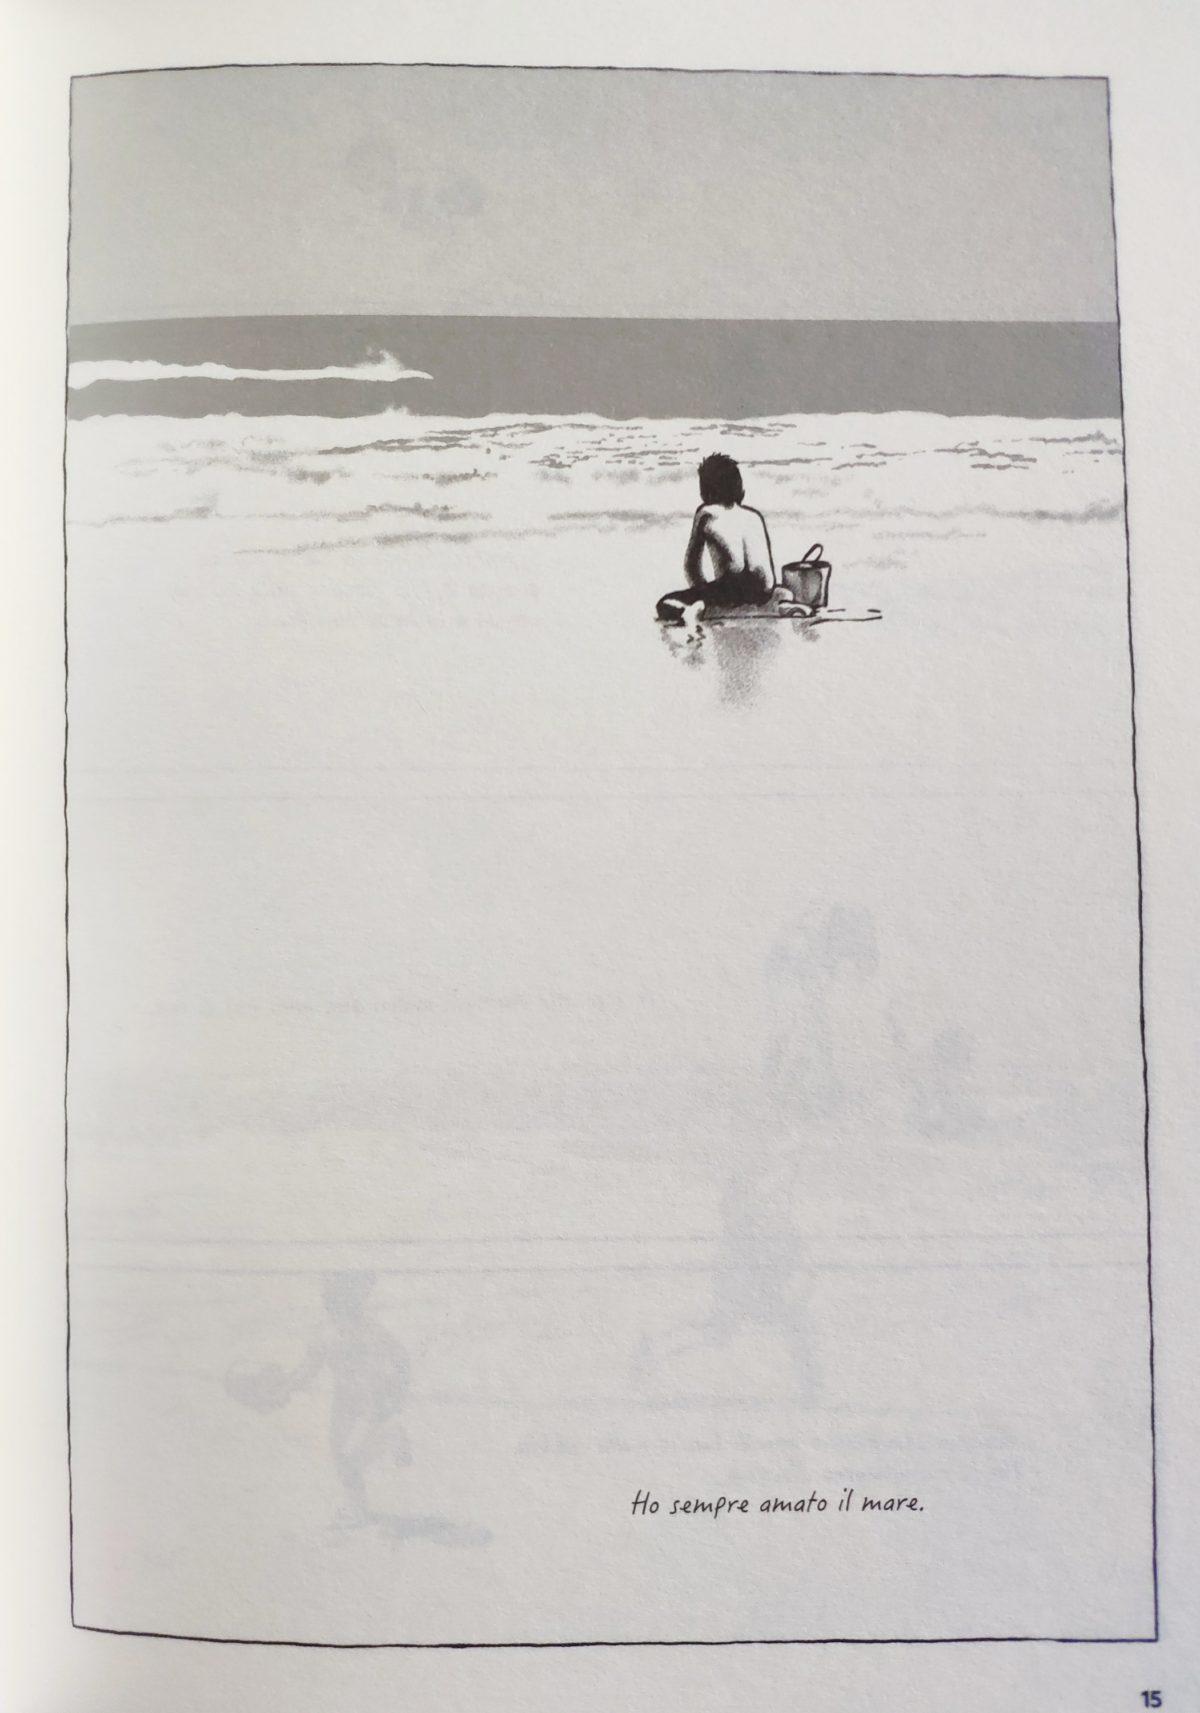 Mio caro fumetto... - Tavola che raffigura Pedro Atías bambino sul bagnasciuga che guarda che gioca con la sabbia e il secchiello  guardando il mare.